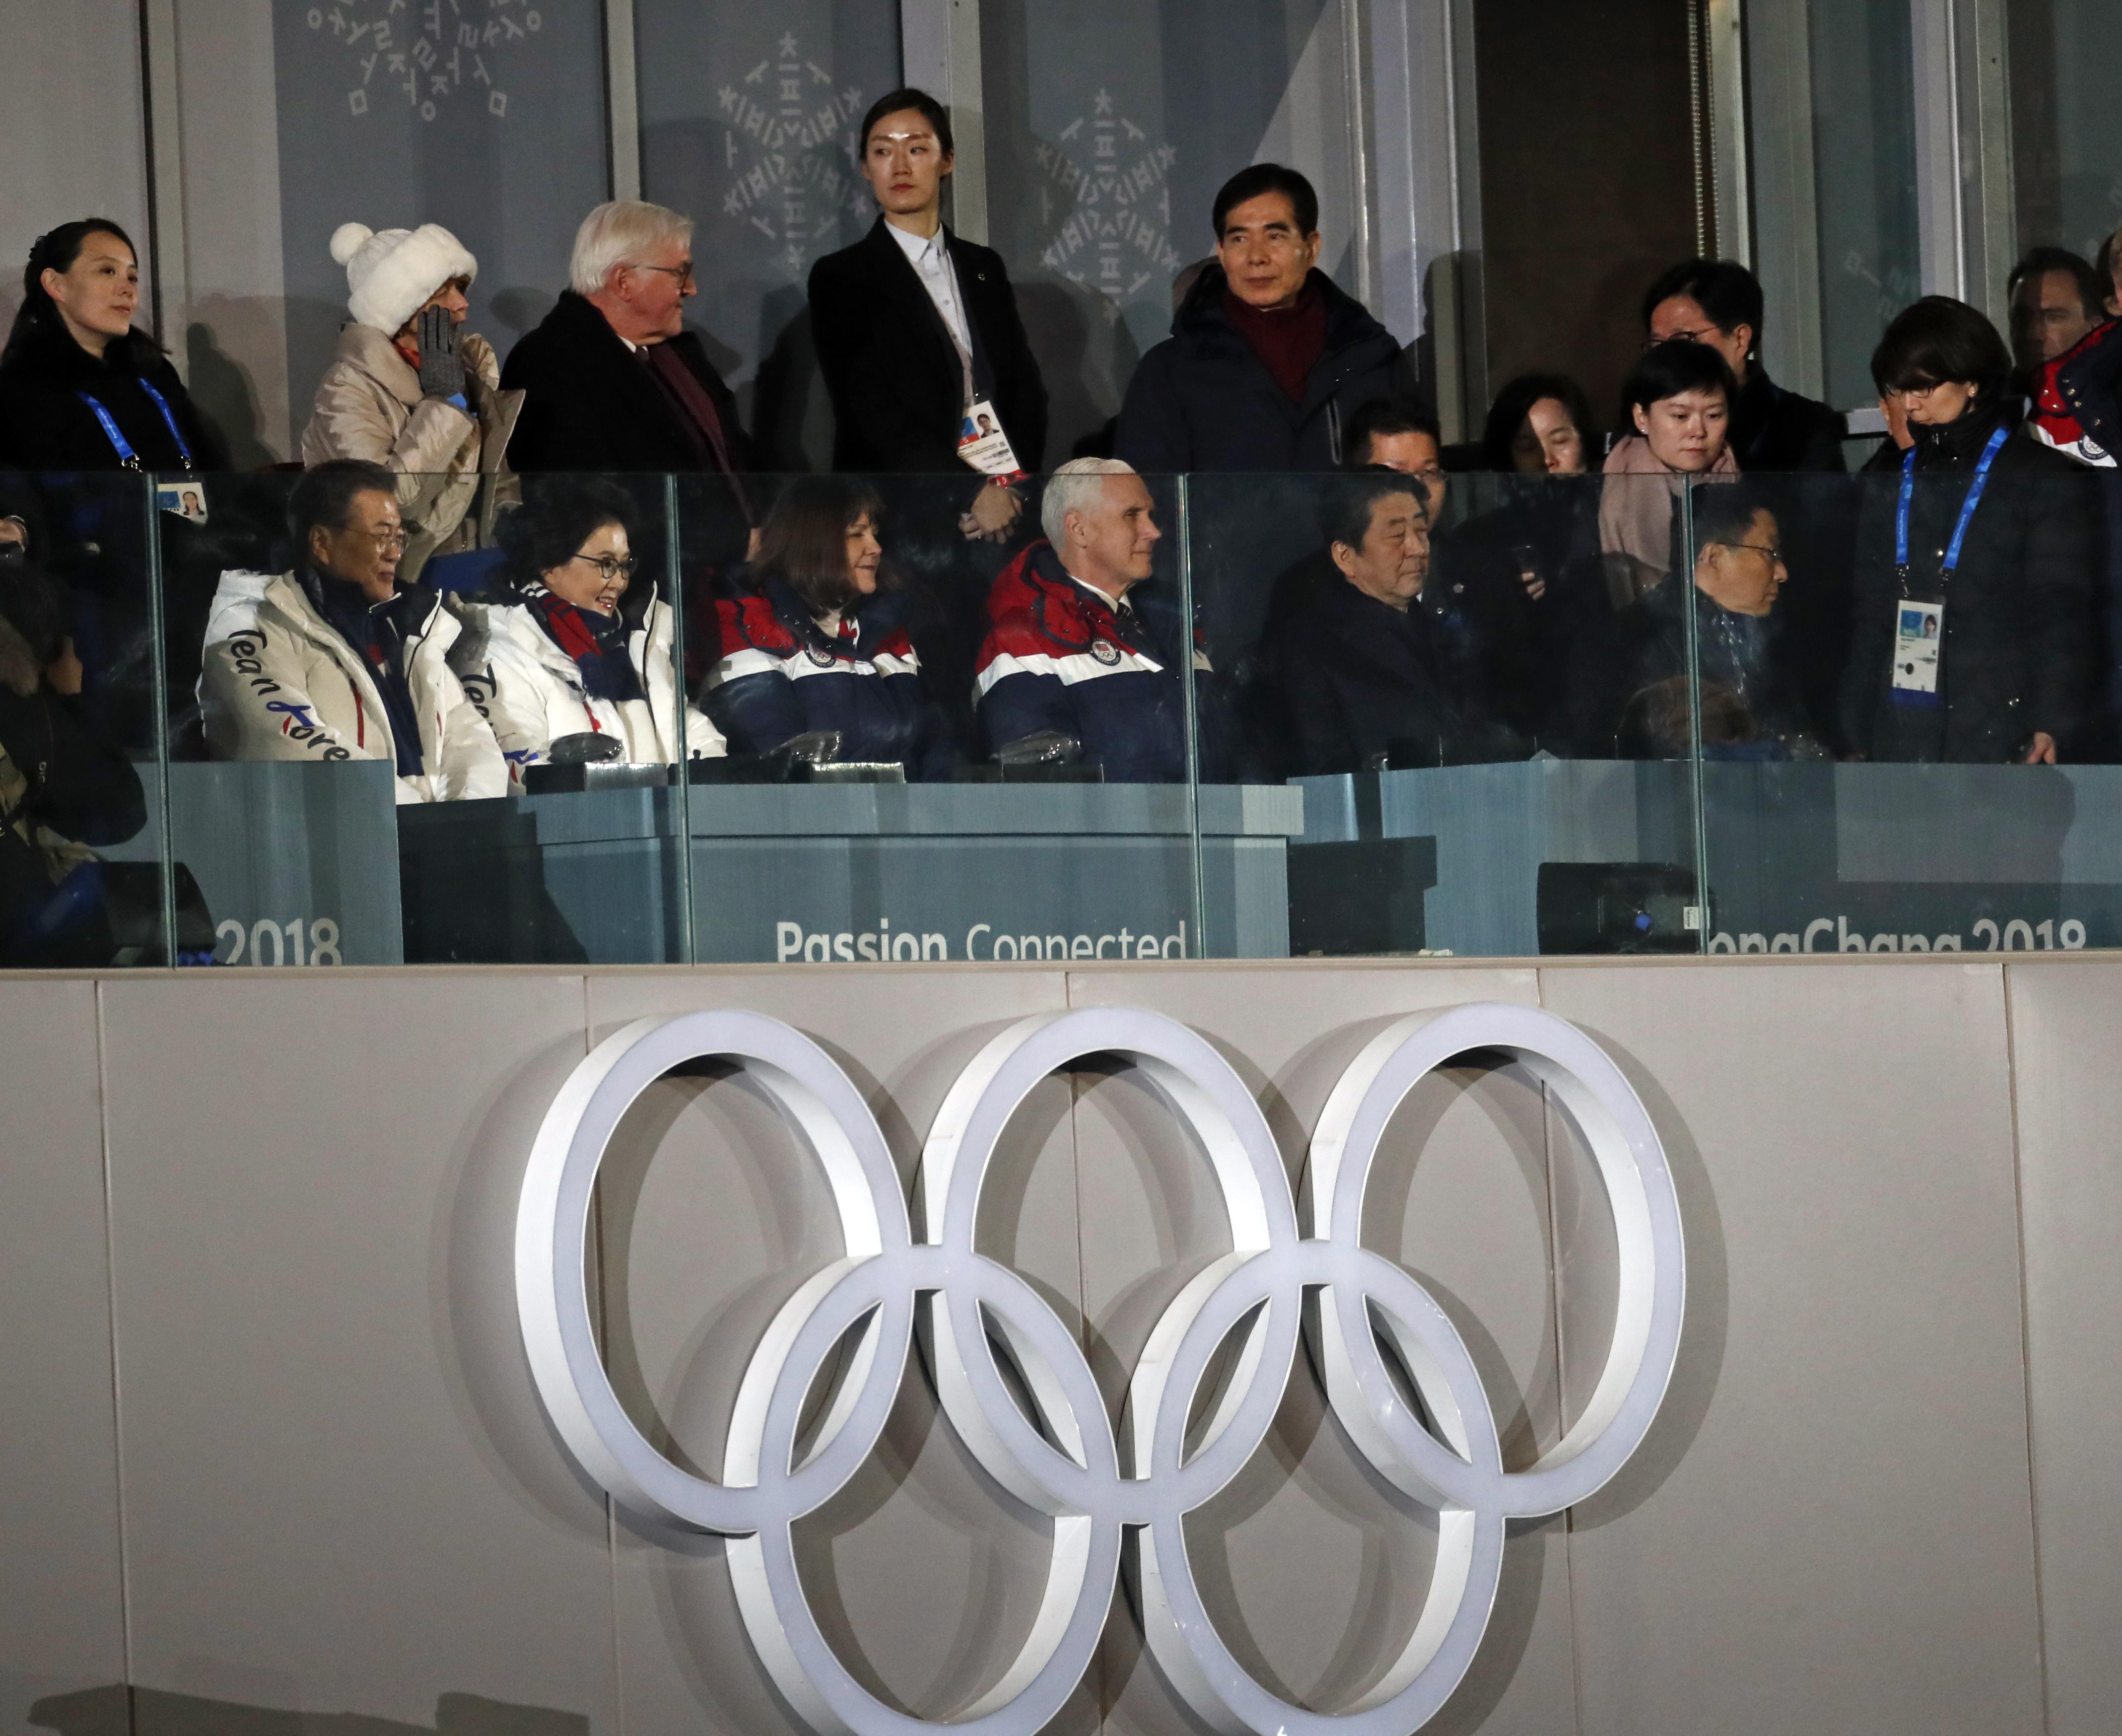 حضور رئيس كوريا الجنوبية ورئيس الوزراء اليابانى والرئيس الألمانى